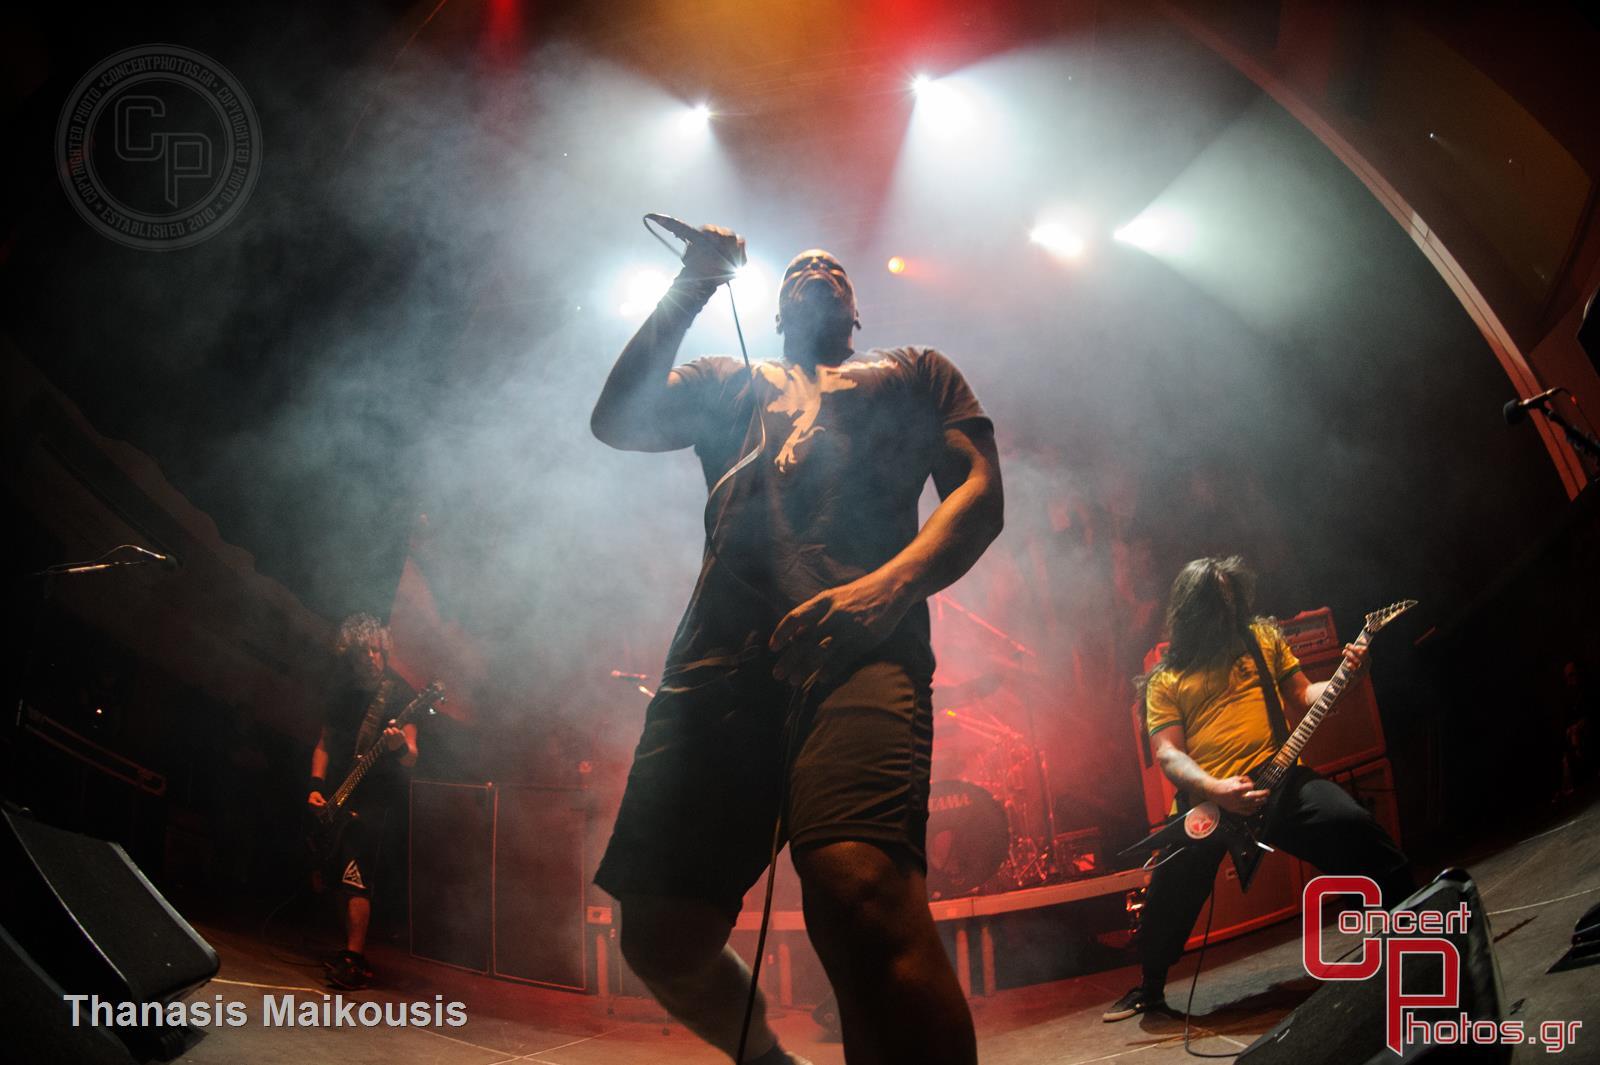 Sepultura-Sepultira photographer: Thanasis Maikousis - concertphotos_20140703_22_04_07